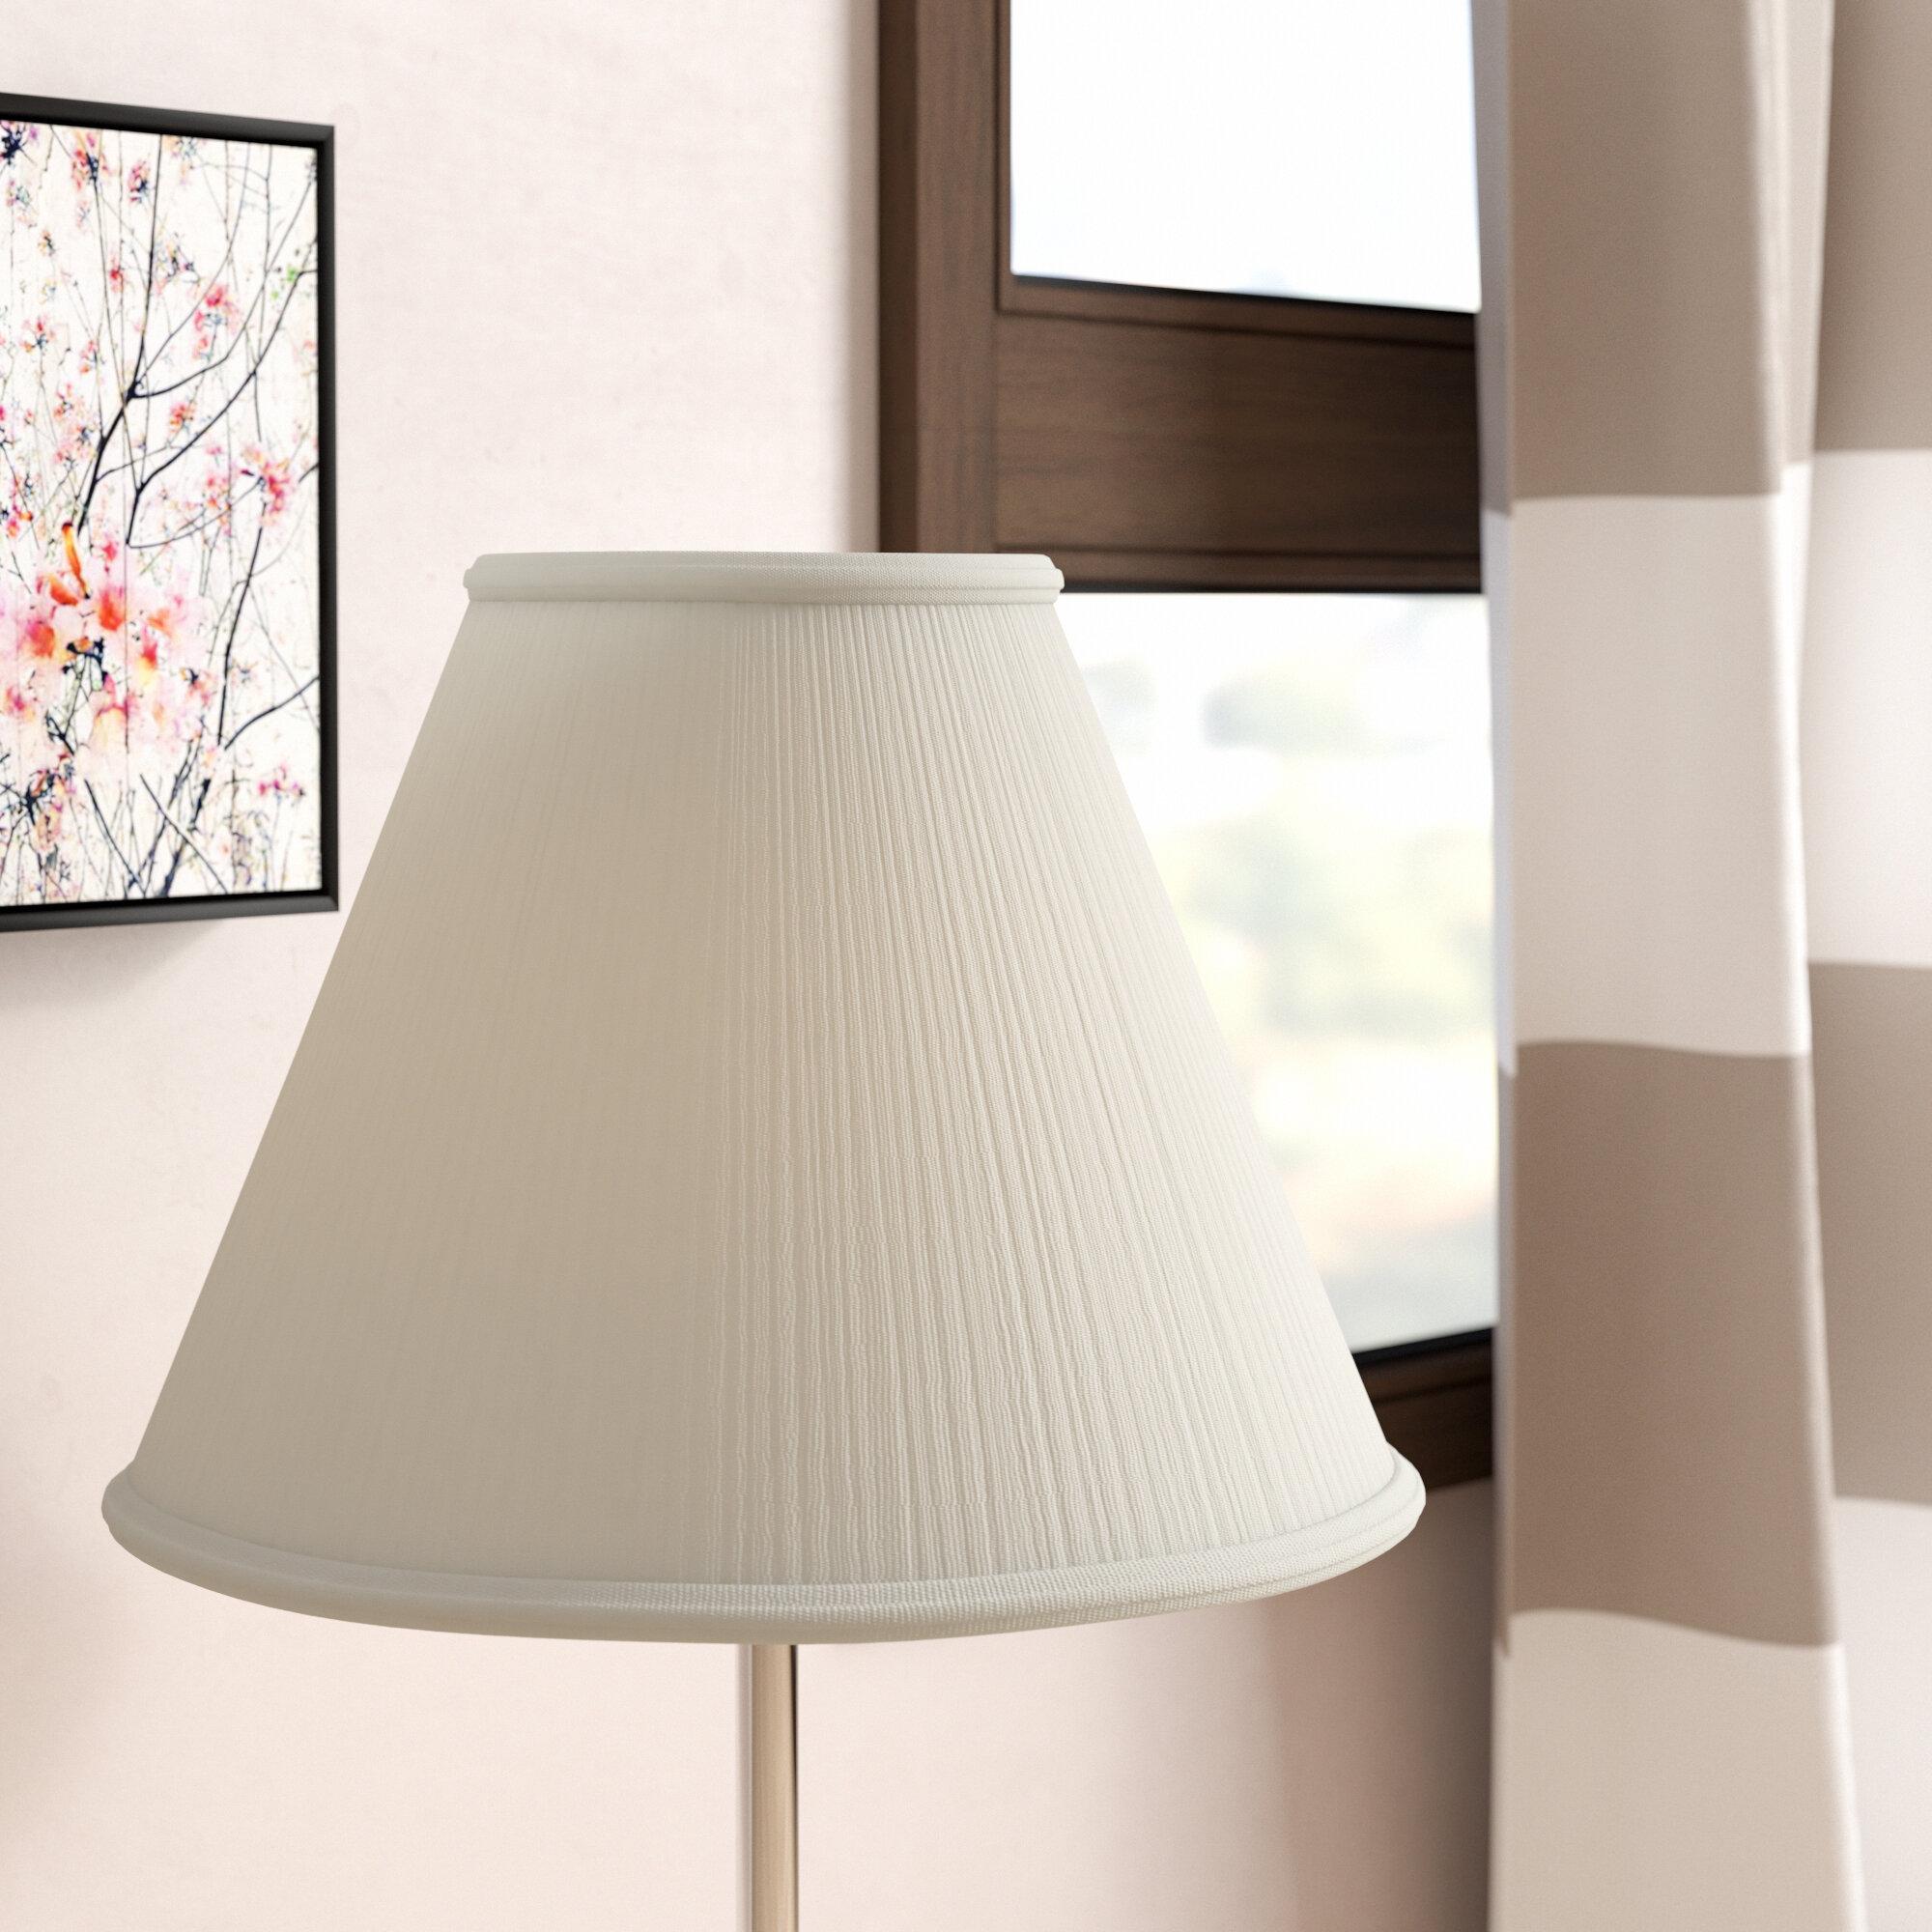 Red barrel studio mushroom pleat 18 linen empire lamp shade red barrel studio mushroom pleat 18 linen empire lamp shade reviews wayfair aloadofball Gallery